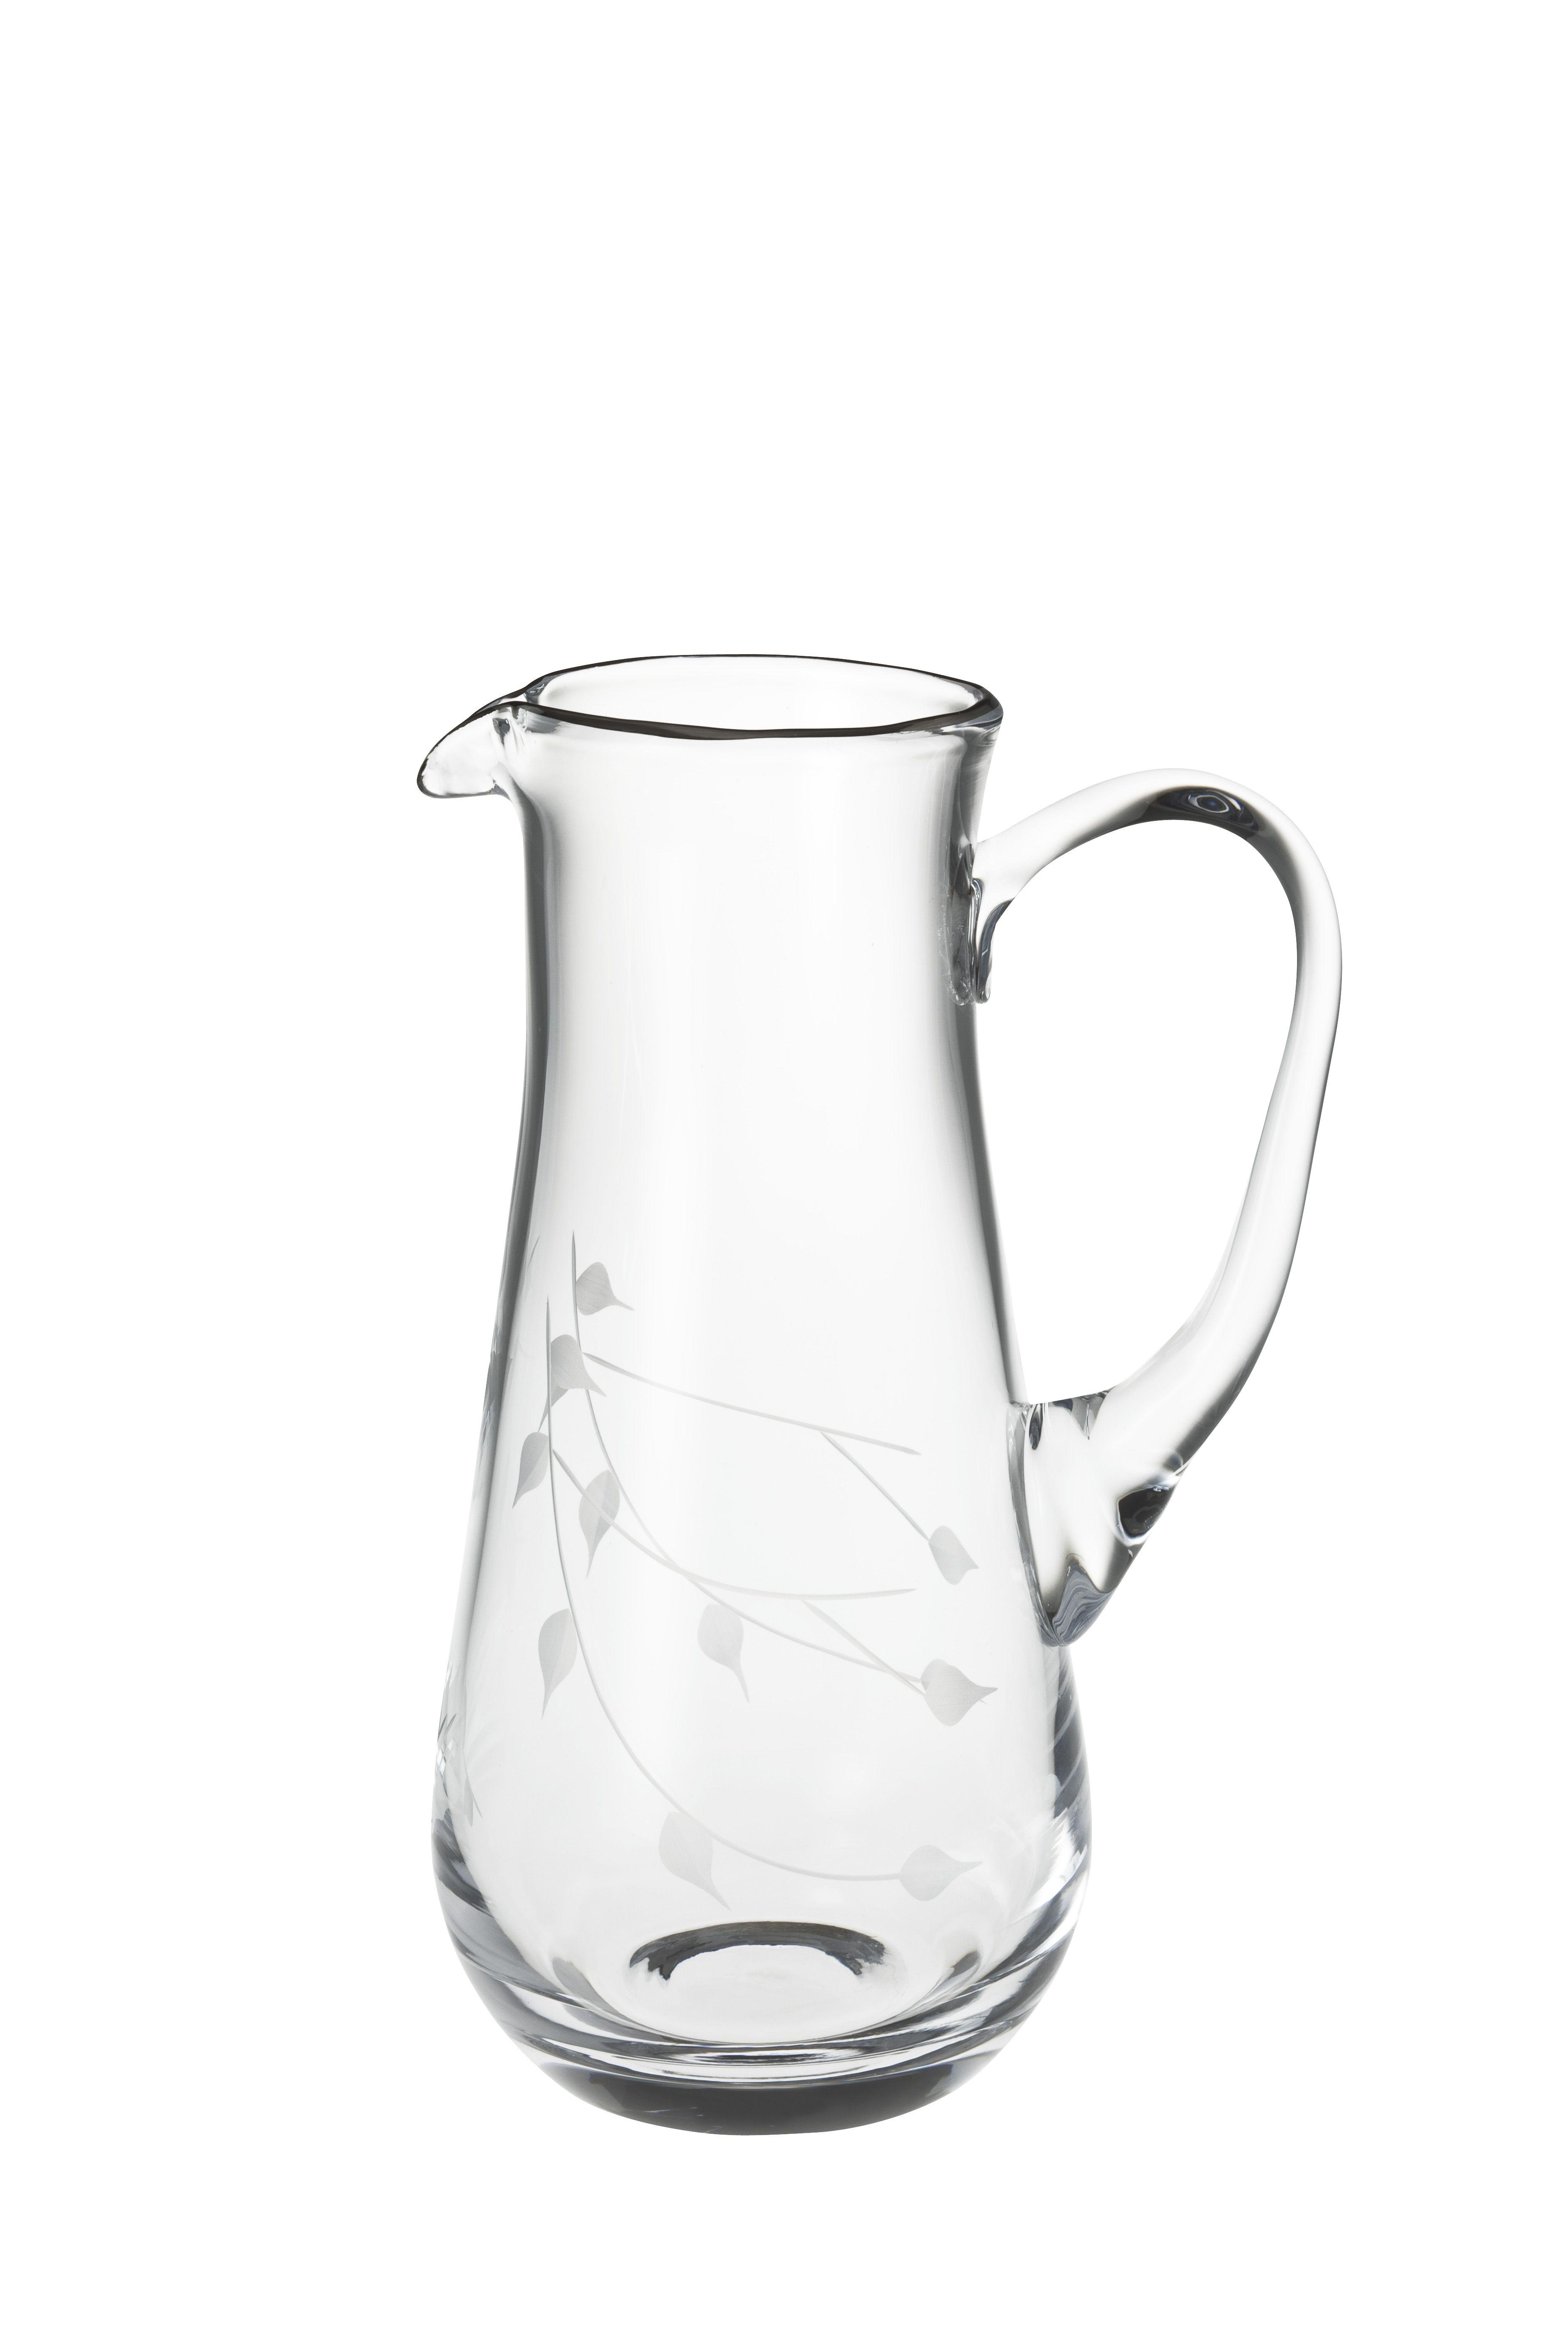 bernardo ninfa sürahi  water pitcher bernardo glass tabedesign  - bernardo ninfa sürahi  water pitcher bernardo glass tabedesign